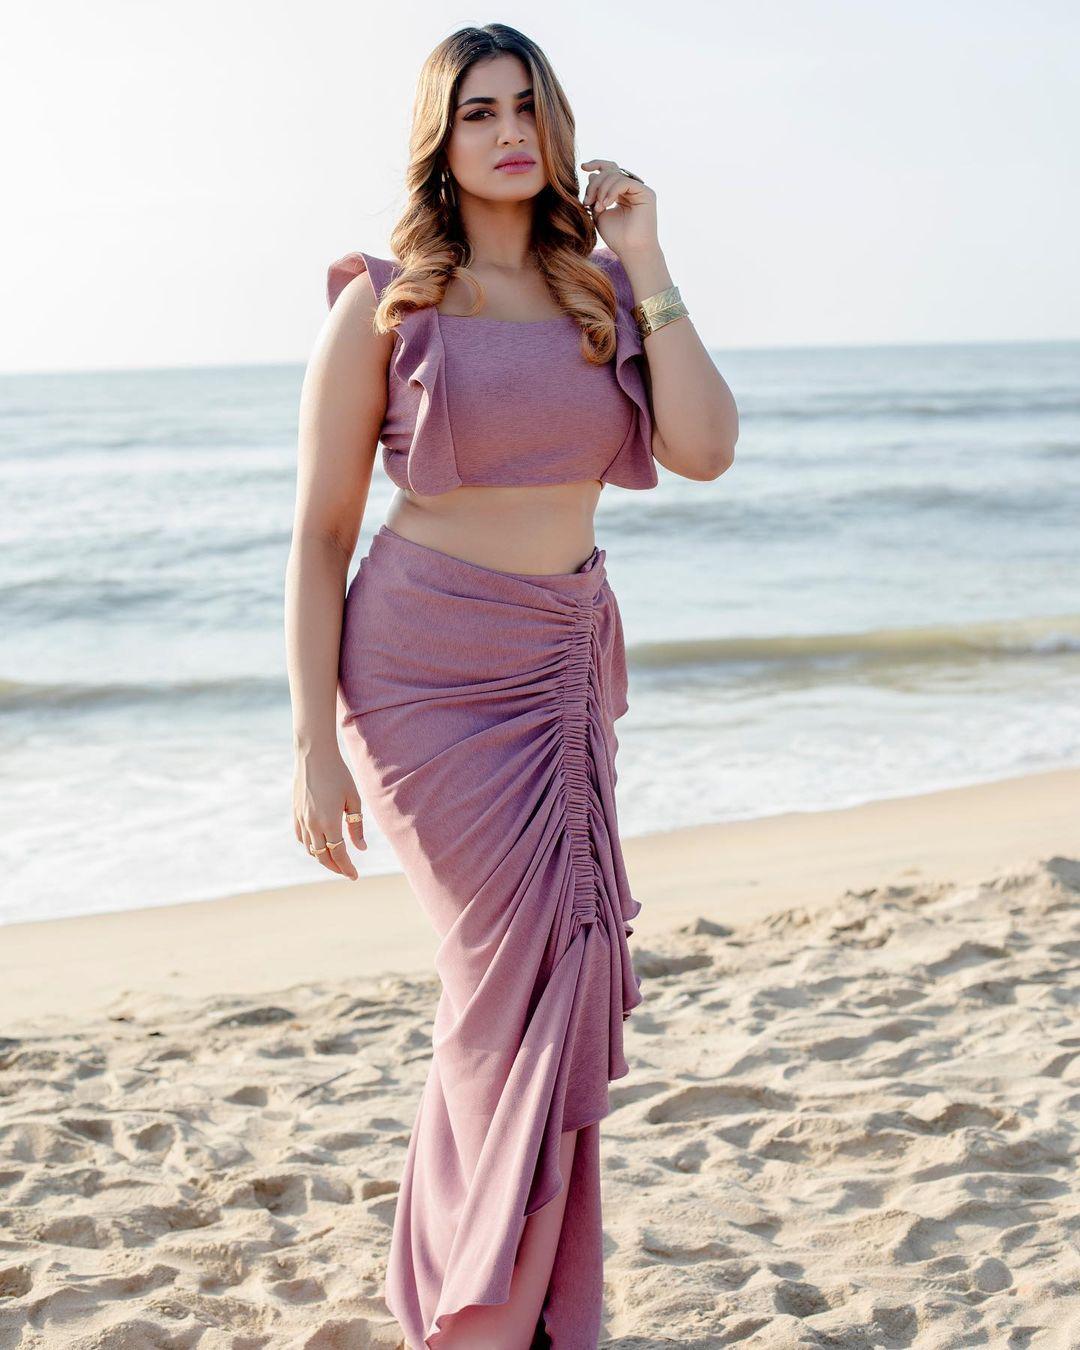 Shivani Narayanan Hot and sexy images